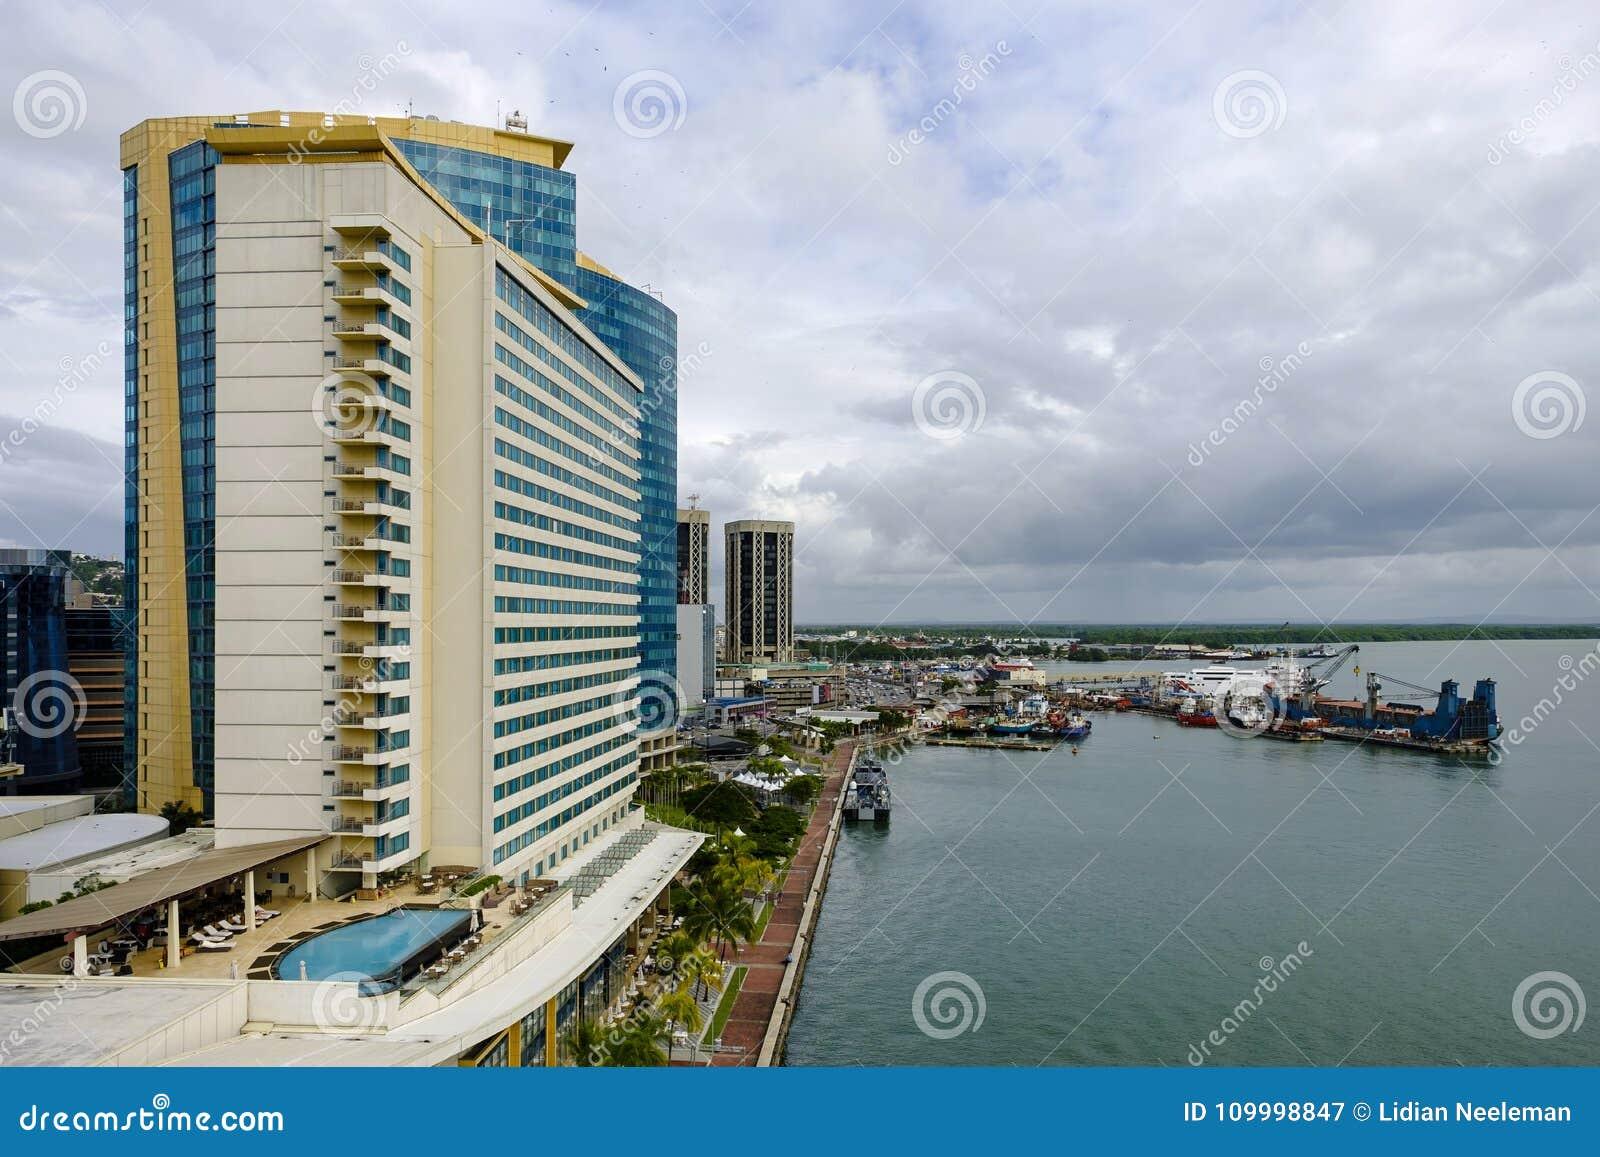 Port-of-Spain - Trinidad and Tobago